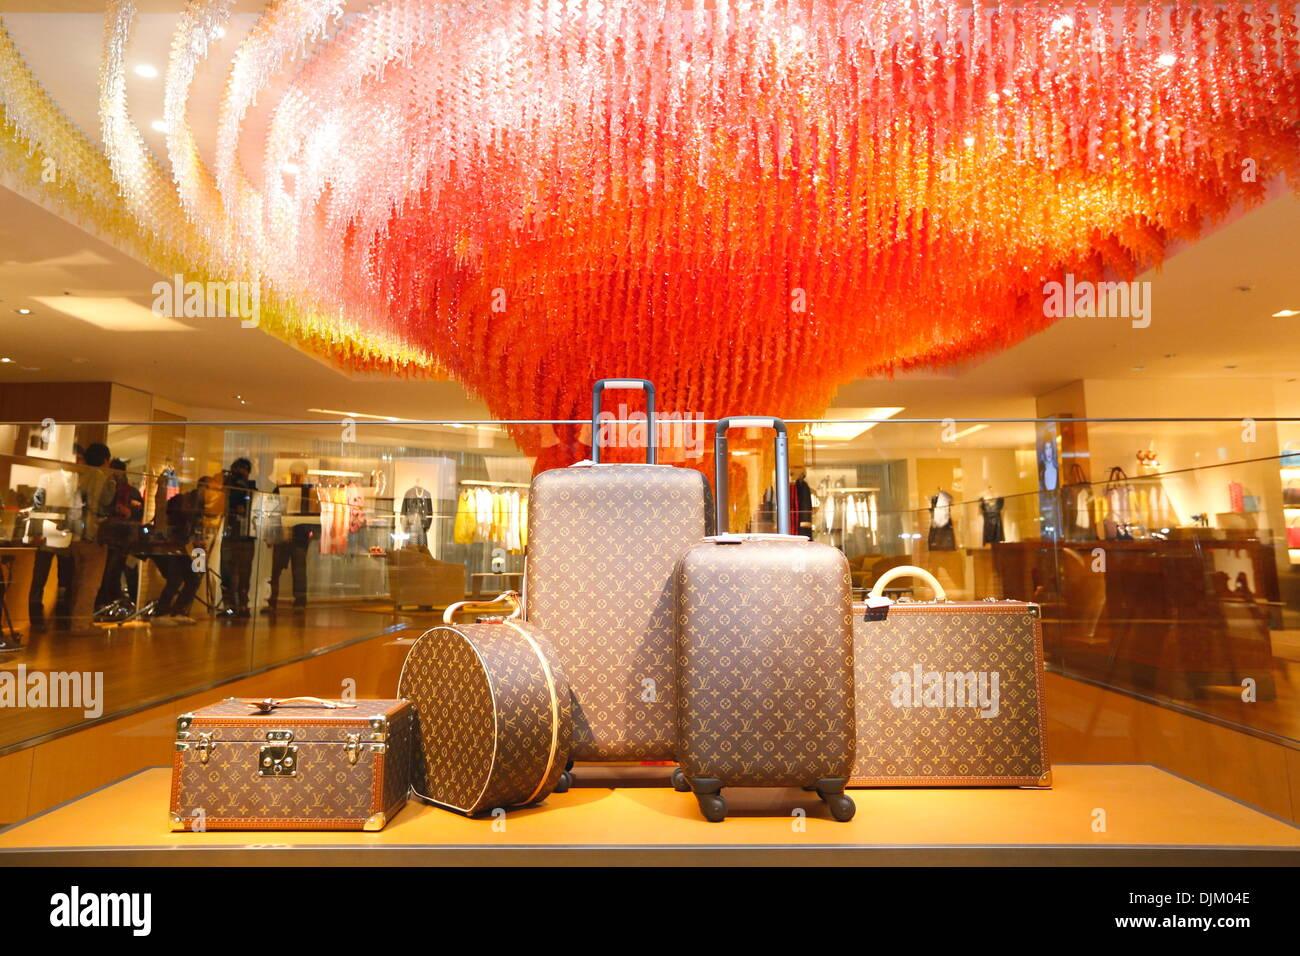 Tokyo, Japon. 28 nov., 2013. Louis Vuitton store, Nov 28, 2013: Cérémonie d'ouverture de 'LOUIS VUITTON ' store à Shinjuku, Tokyo, Japon. Credit: AFLO Co.,Ltd/Alamy Live News Photo Stock